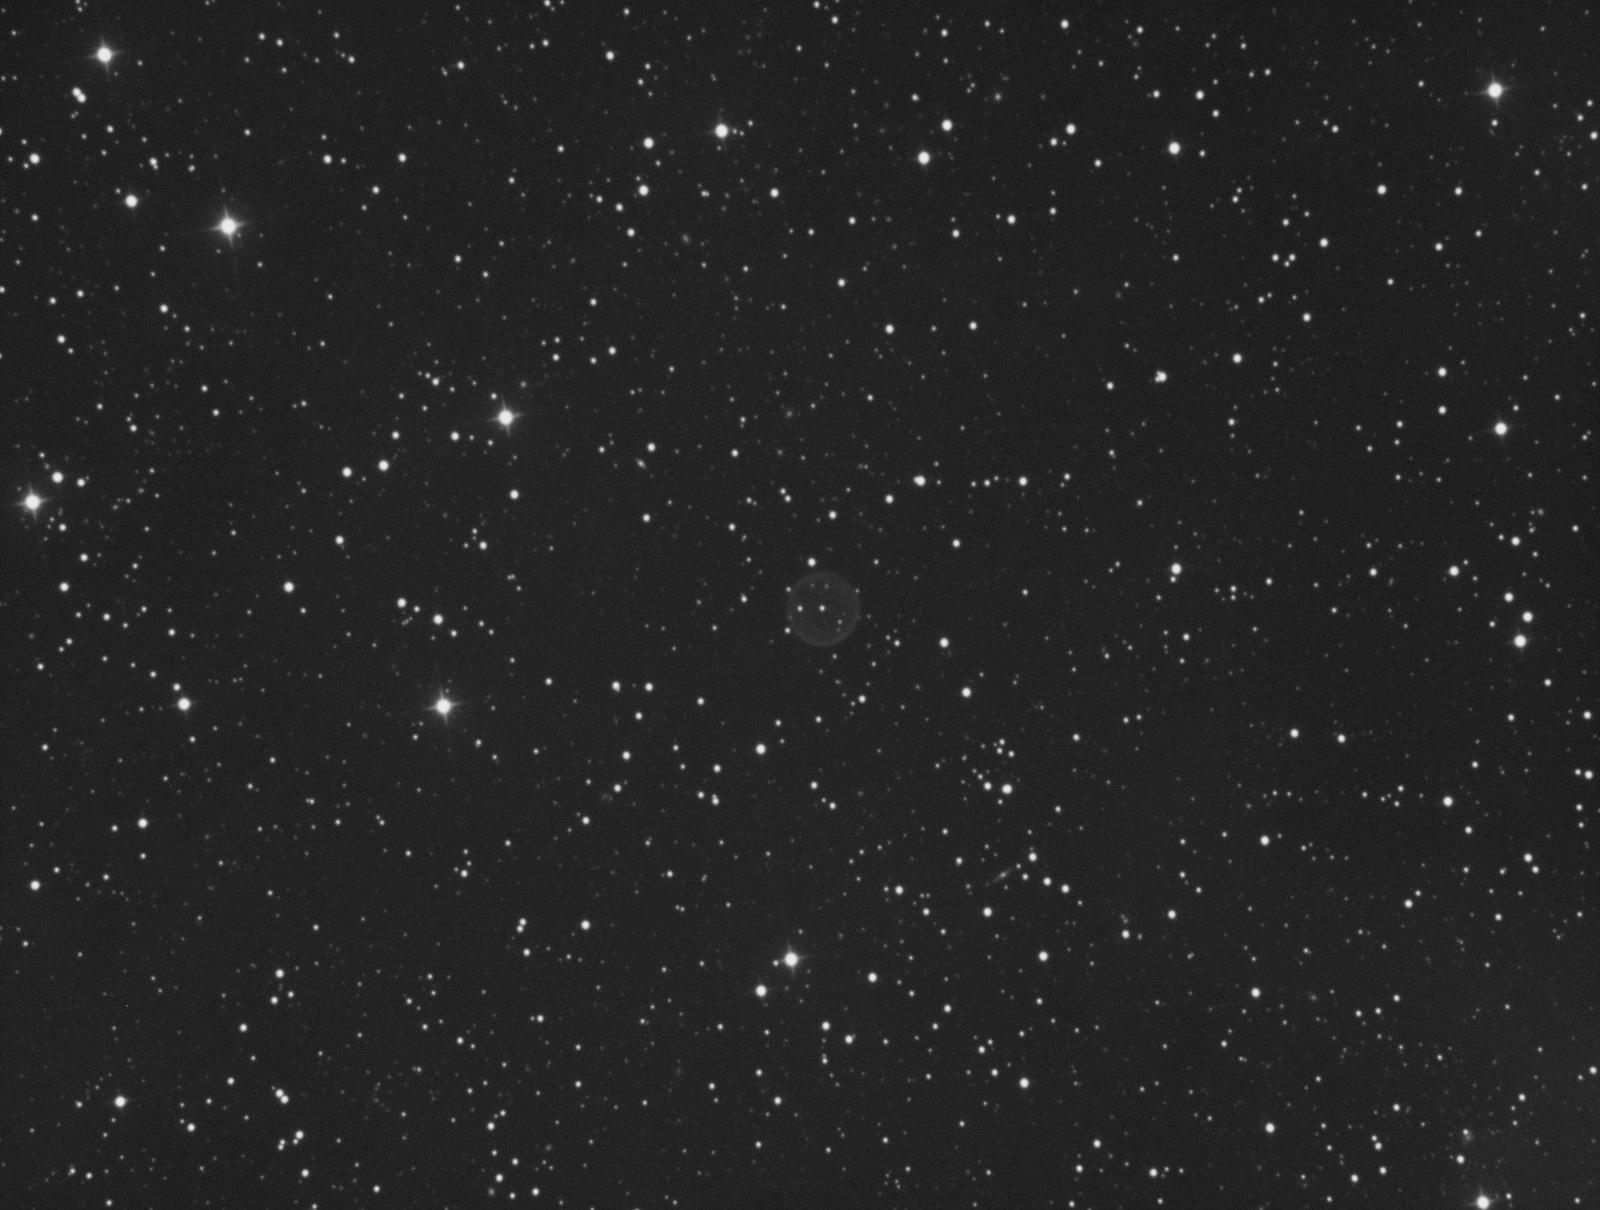 L_O_2021-05-11_02-23-52_Bin1x1_900s__-20C.jpg